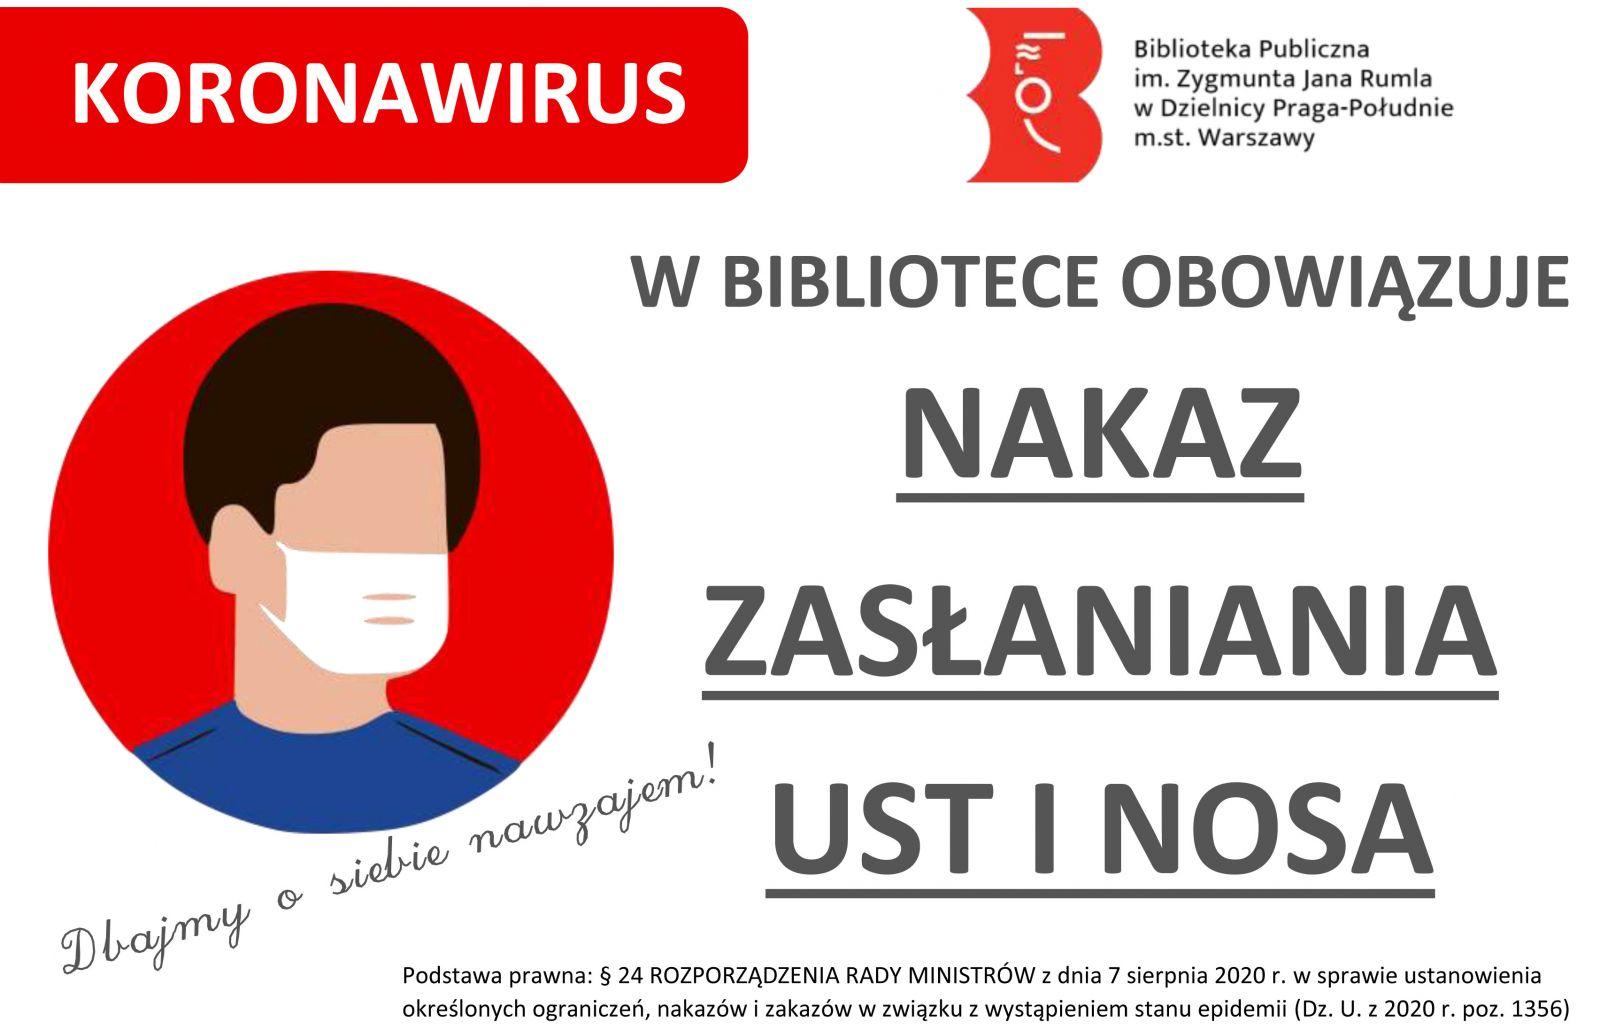 Z lewej strony osoba w maseczce chirurgicznej, po prawej stronie tekst W bibliotece obowiązuje nakaz zasłaniania ust i nosa.